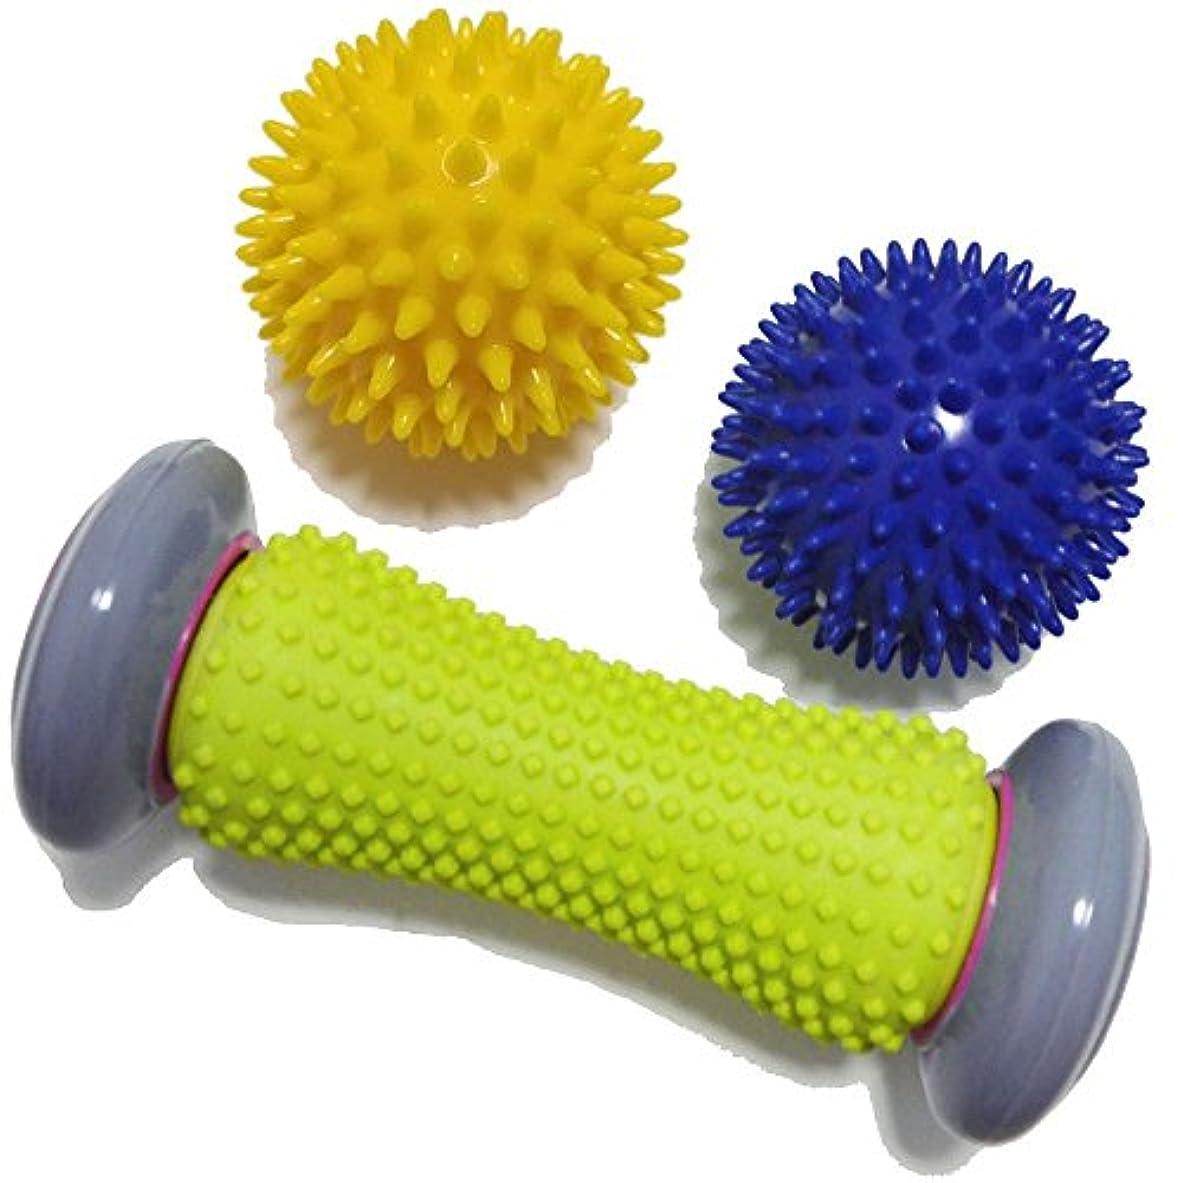 み情緒的必要とするフットローラー&スパイキーマッサージボール - トリガーポイントセラピー(リラクゼーション)足底筋膜炎とリフレクソロジーマッサージ - ディープティッシュアクアレーシックPLAリラックスフットバックレッグハンドタイトマッスル...